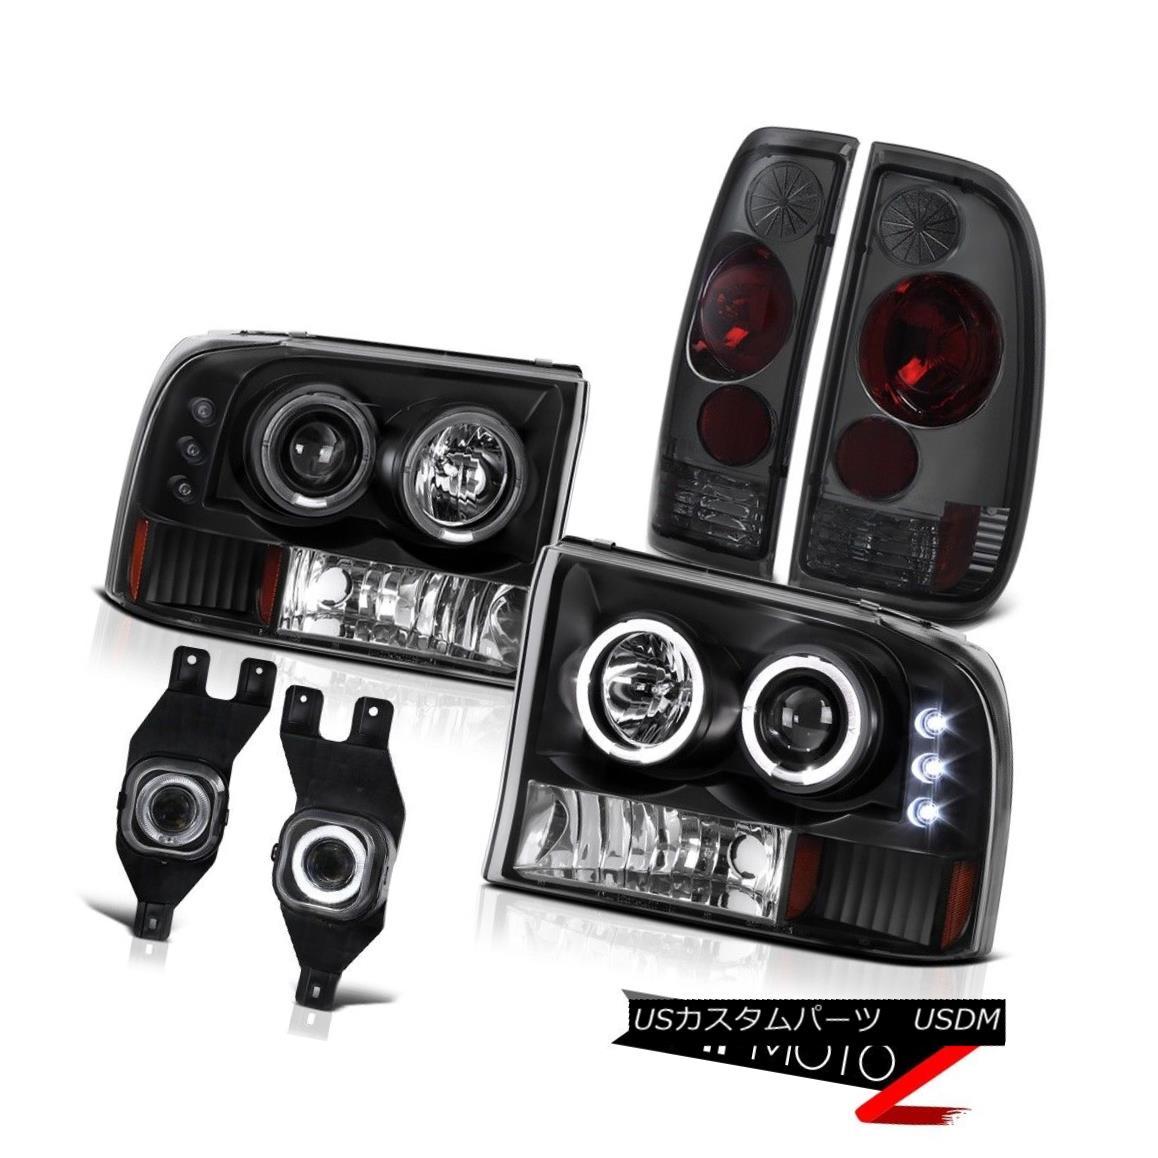 テールライト F250 F350 F450 SuperDuty Diesel Brightest LED Halo Ring Headlight Tail Lamp Fog F250 F350 F450 SuperDutyディーゼルブライトネスLEDハローリングヘッドライトテールランプフォグ